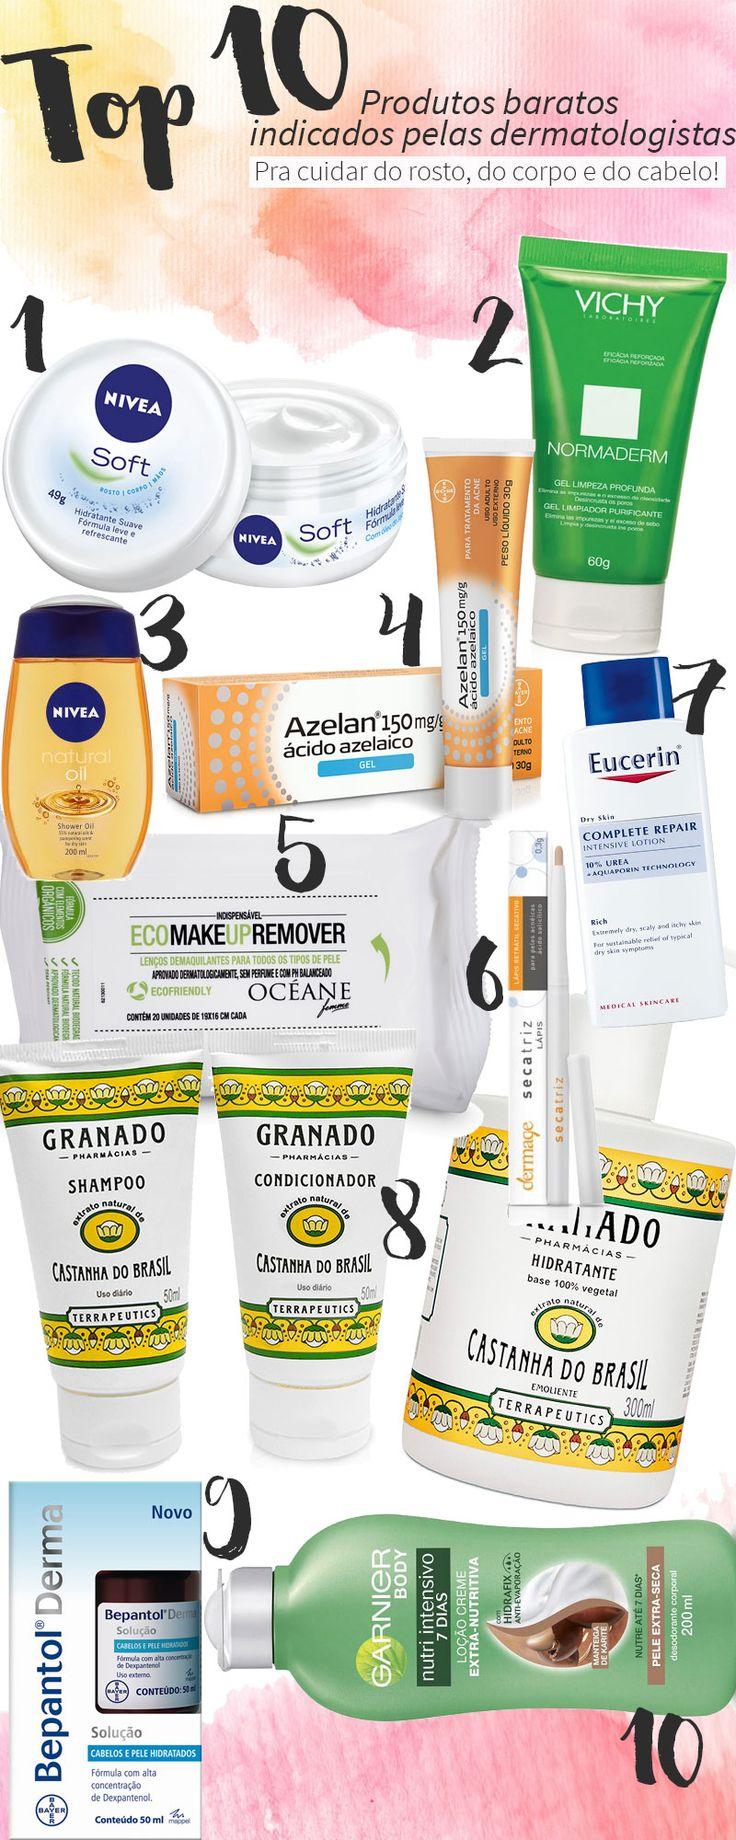 Produtos baratos indicados pelas dermatologistas dos famosos para cuidar da pele do rosto, do corpo e dos cabelos. Sim, eles existem,então vamos aproveitar!